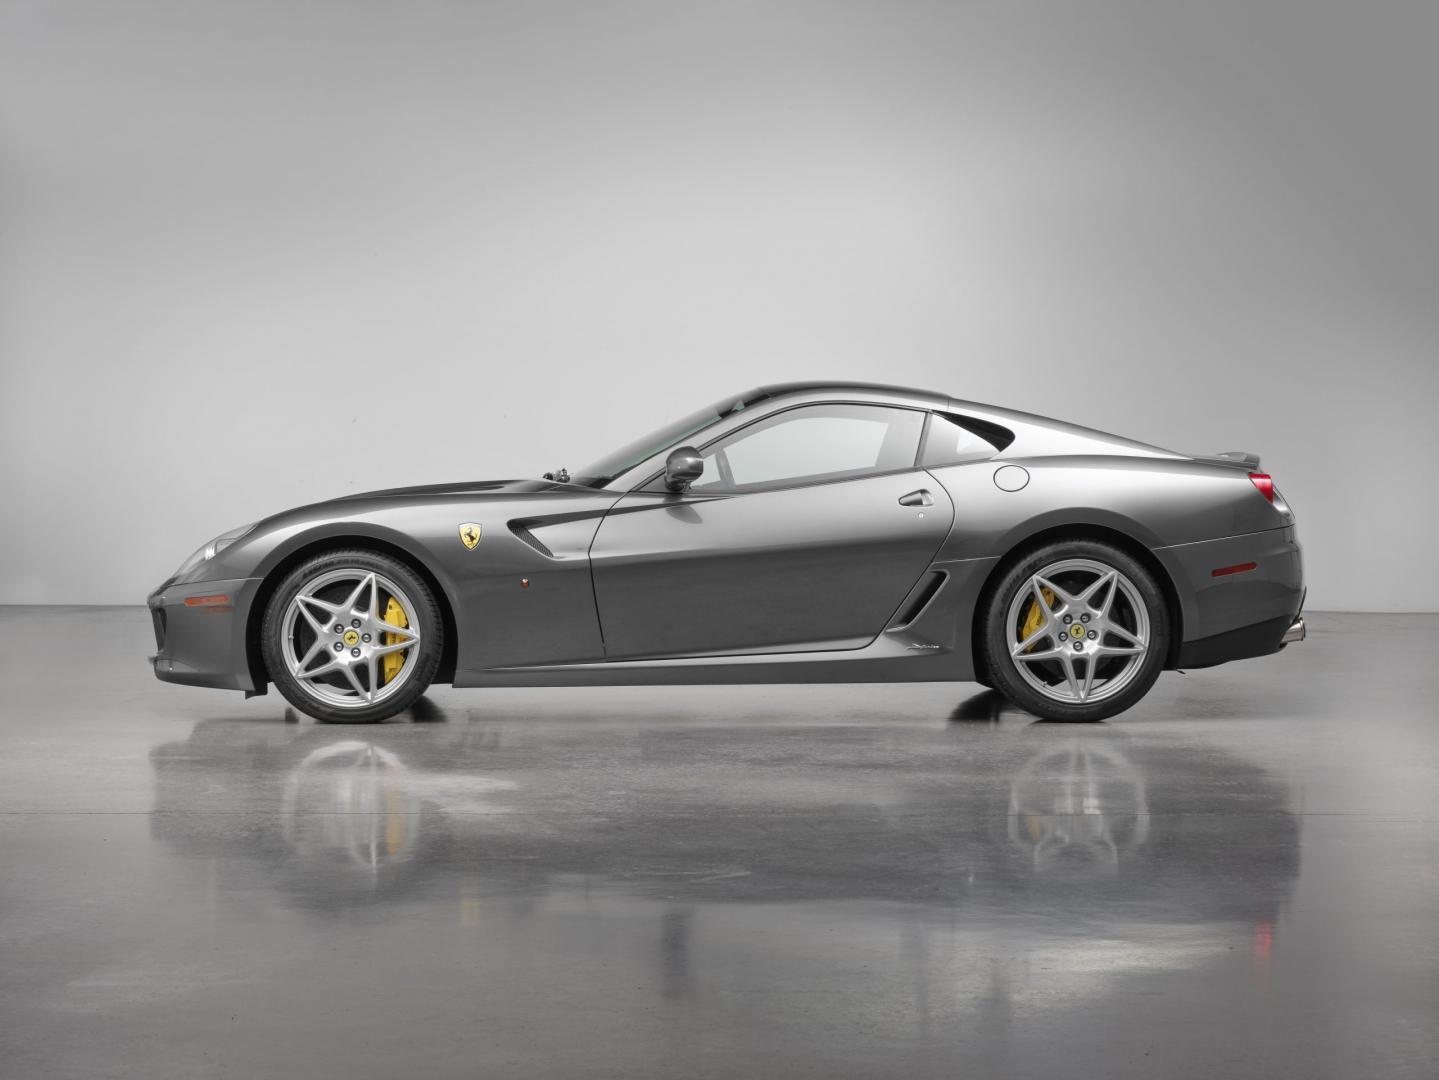 Ferrari 599 GTB Fiorano met handbak